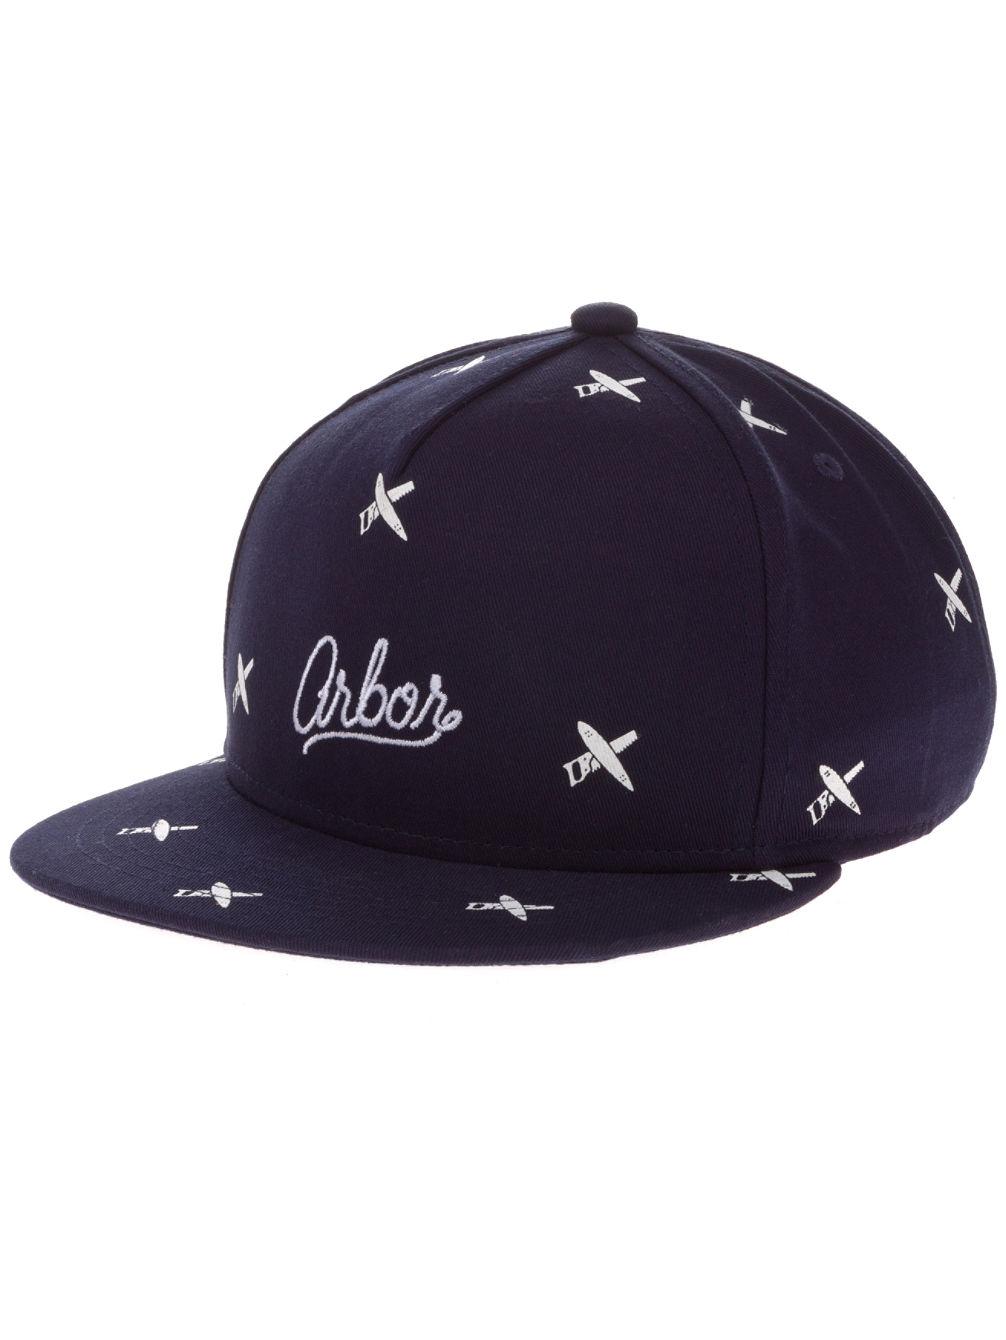 adams-cap